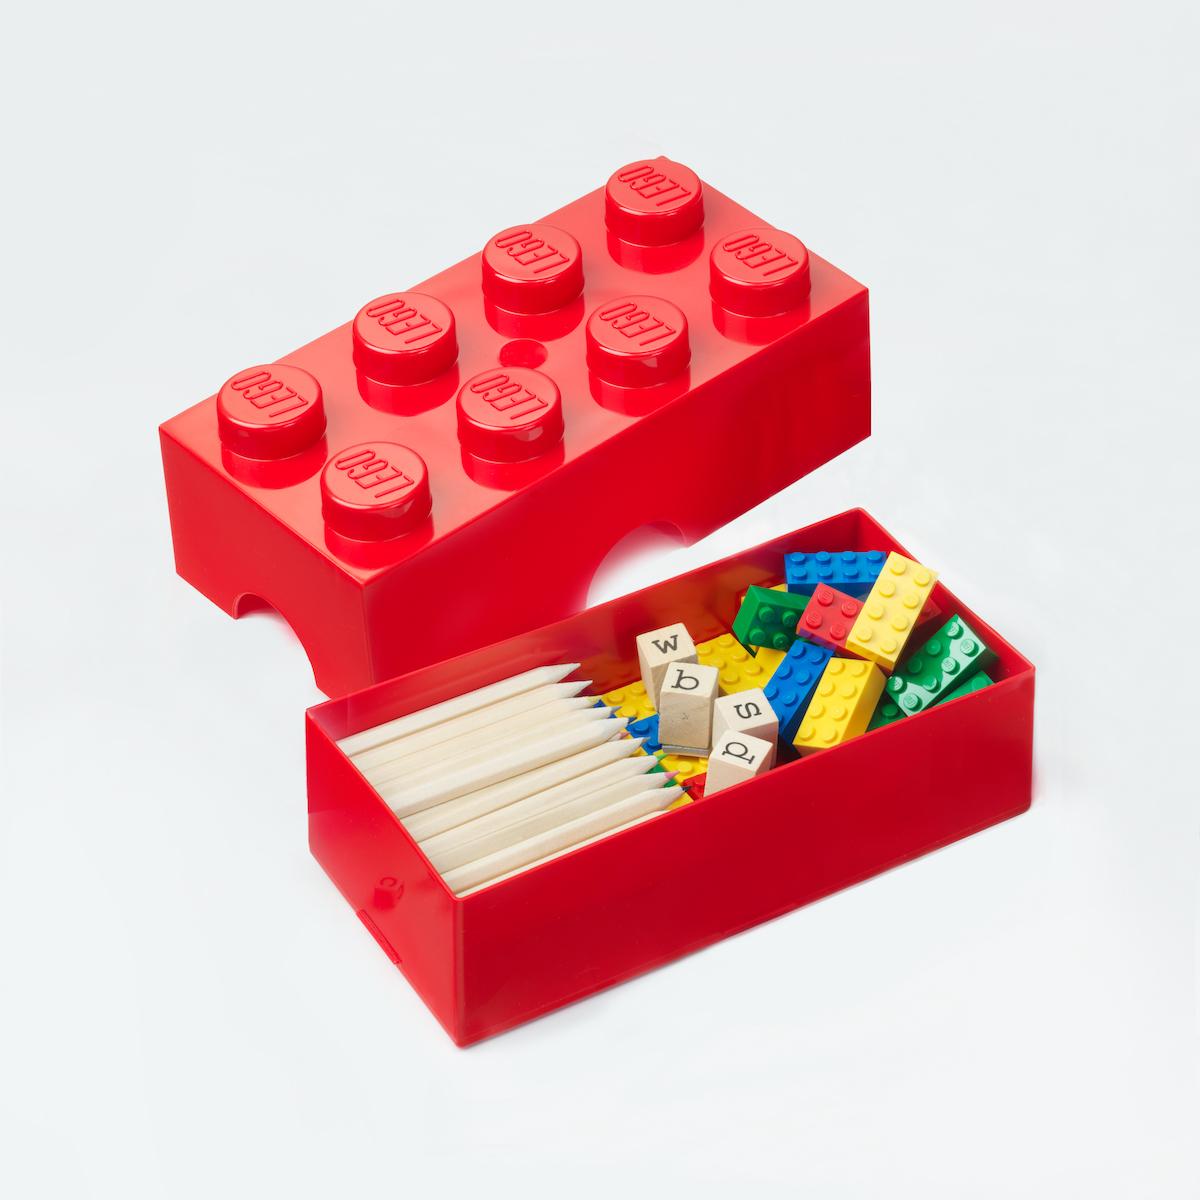 LEGO® Classic Box as lunchbox